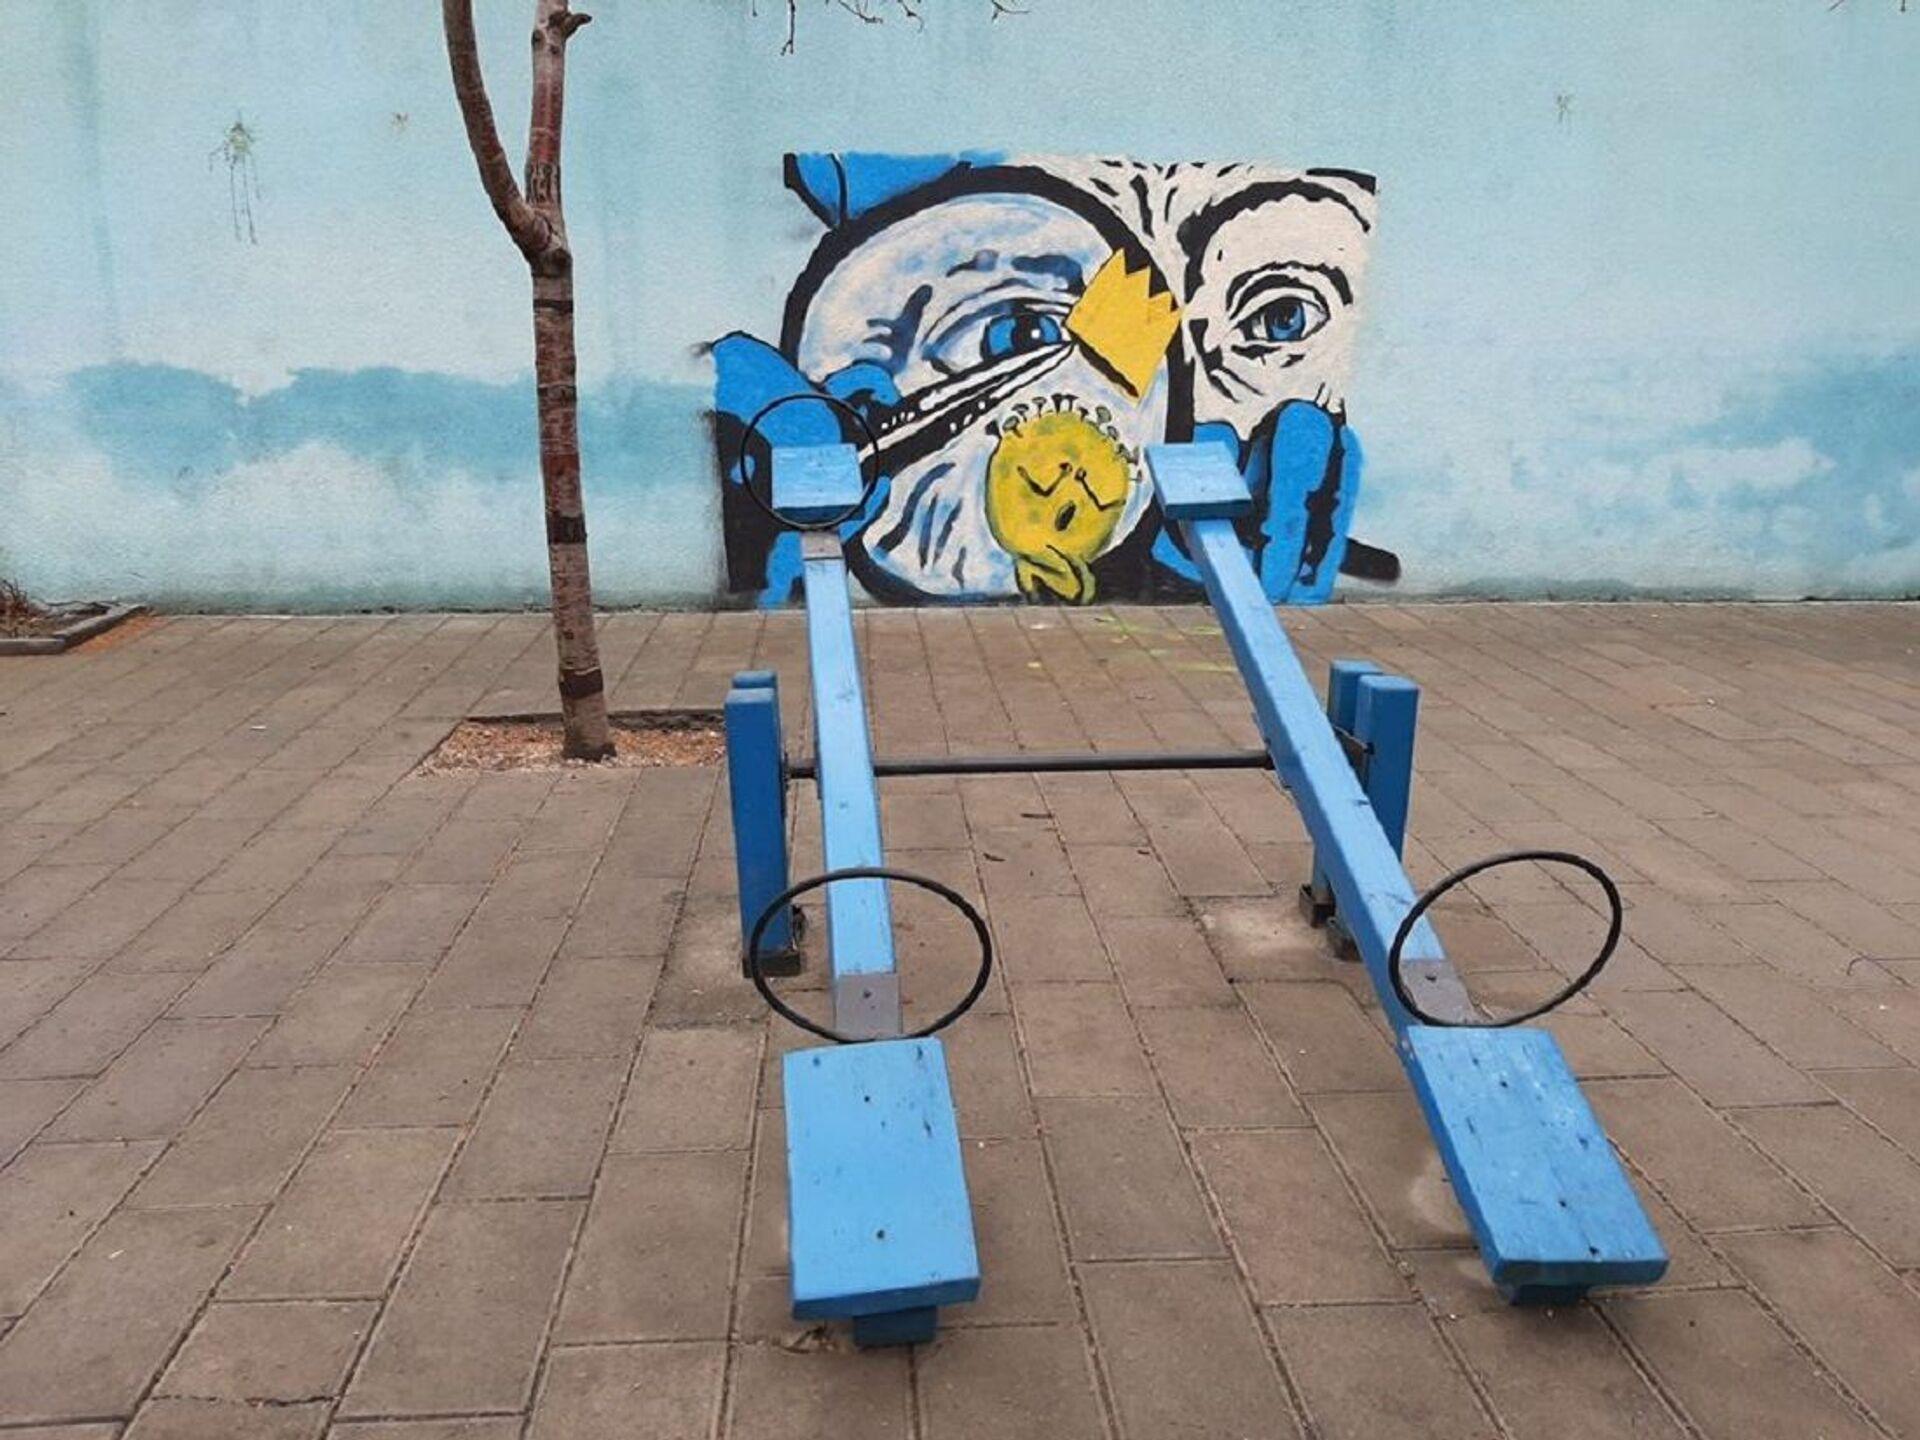 Работа грузинского граффитиста Gagosh, посвященная коронавирусу - Sputnik Грузия, 1920, 01.09.2021